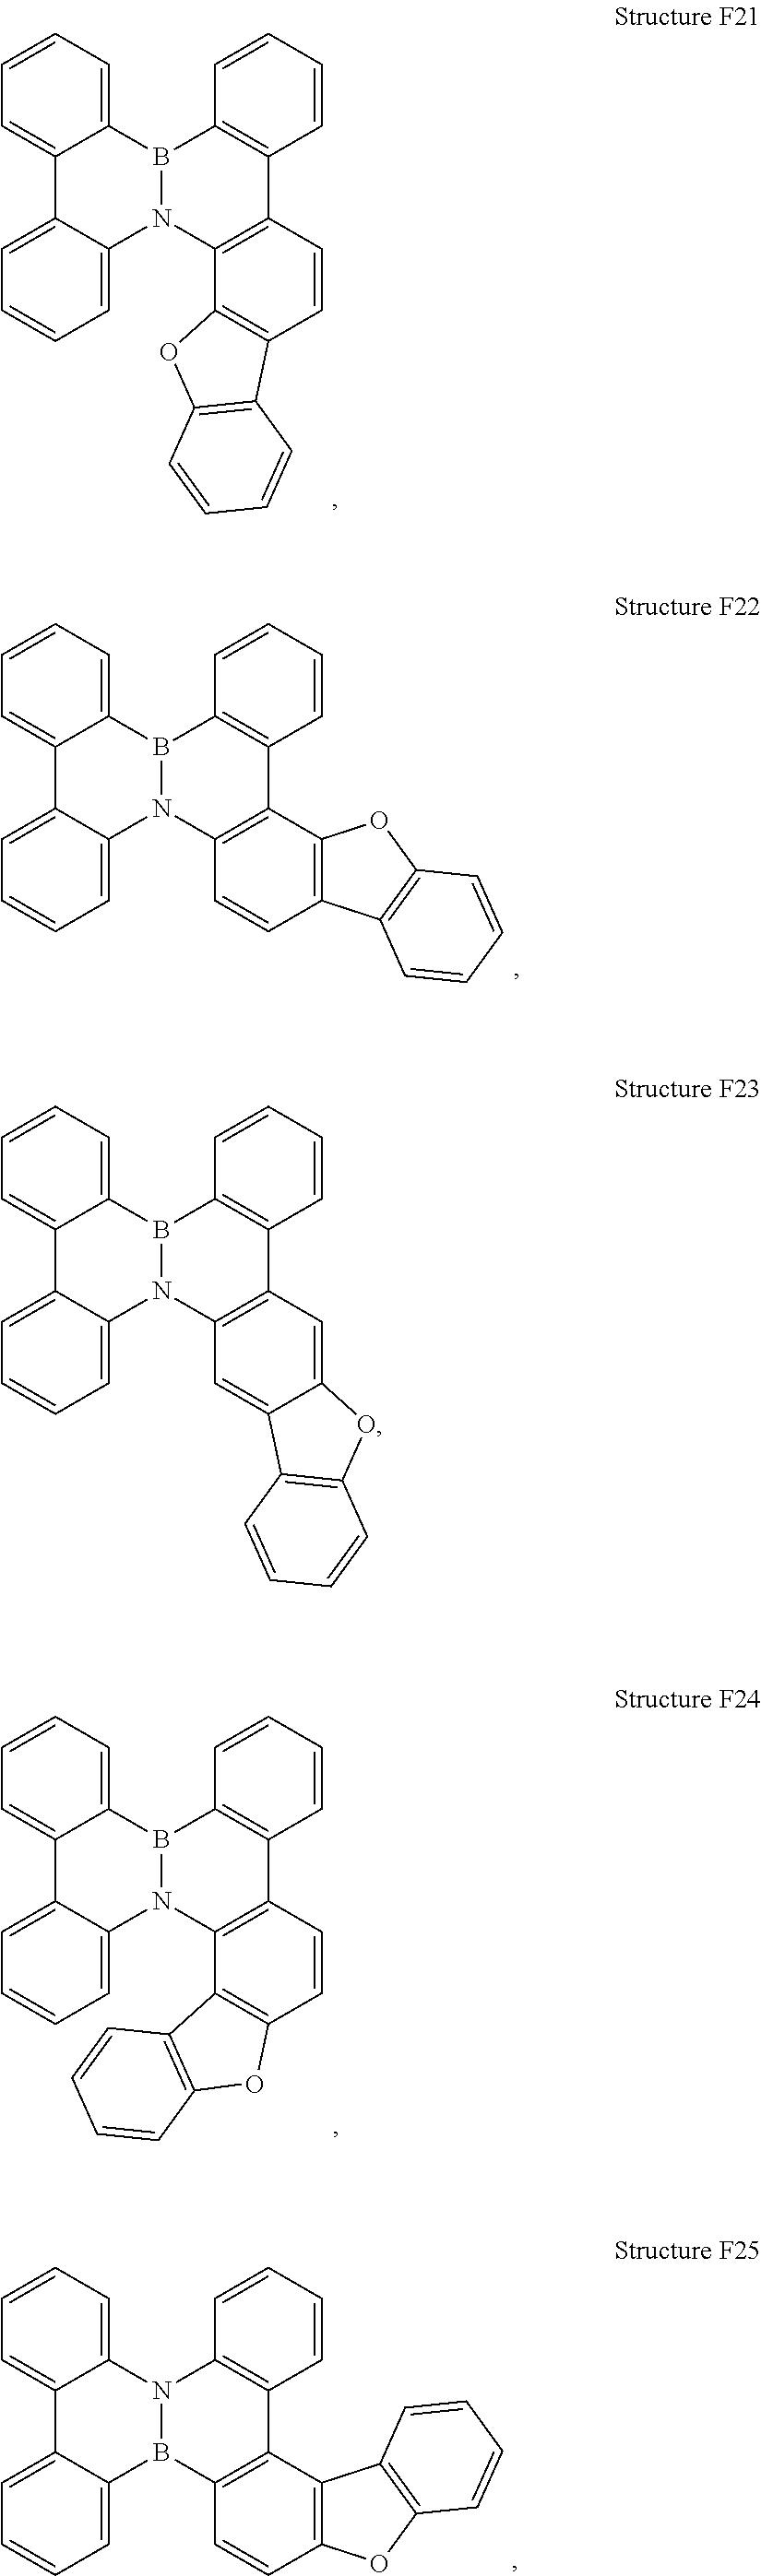 Figure US09871212-20180116-C00040